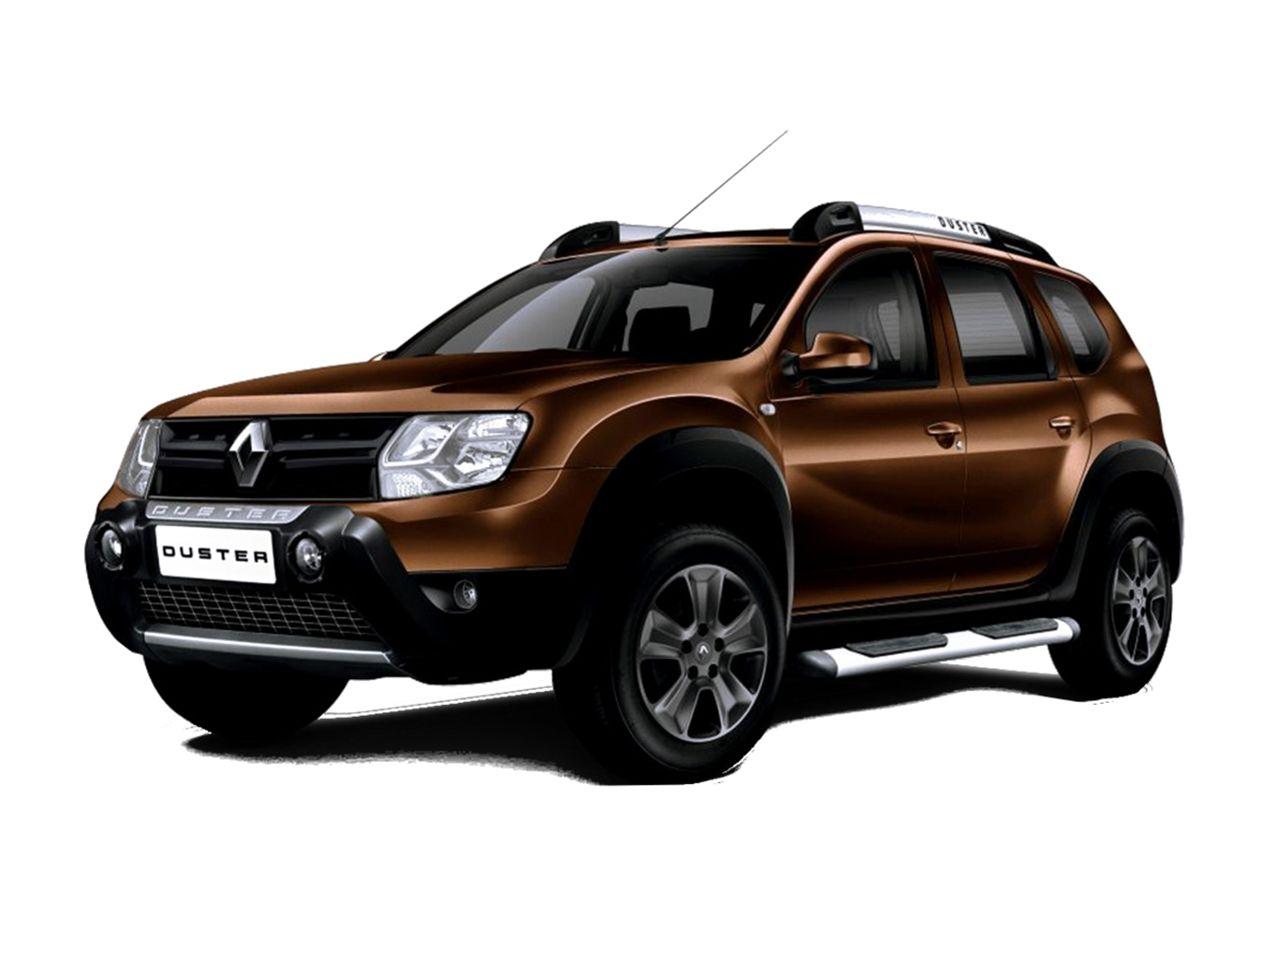 Компанія Renault в Україні оголошує про можливість придбання надійного кросовера Renault Duster в кредит під 0,01% на 3 роки або за 4 227 грн в місяць*